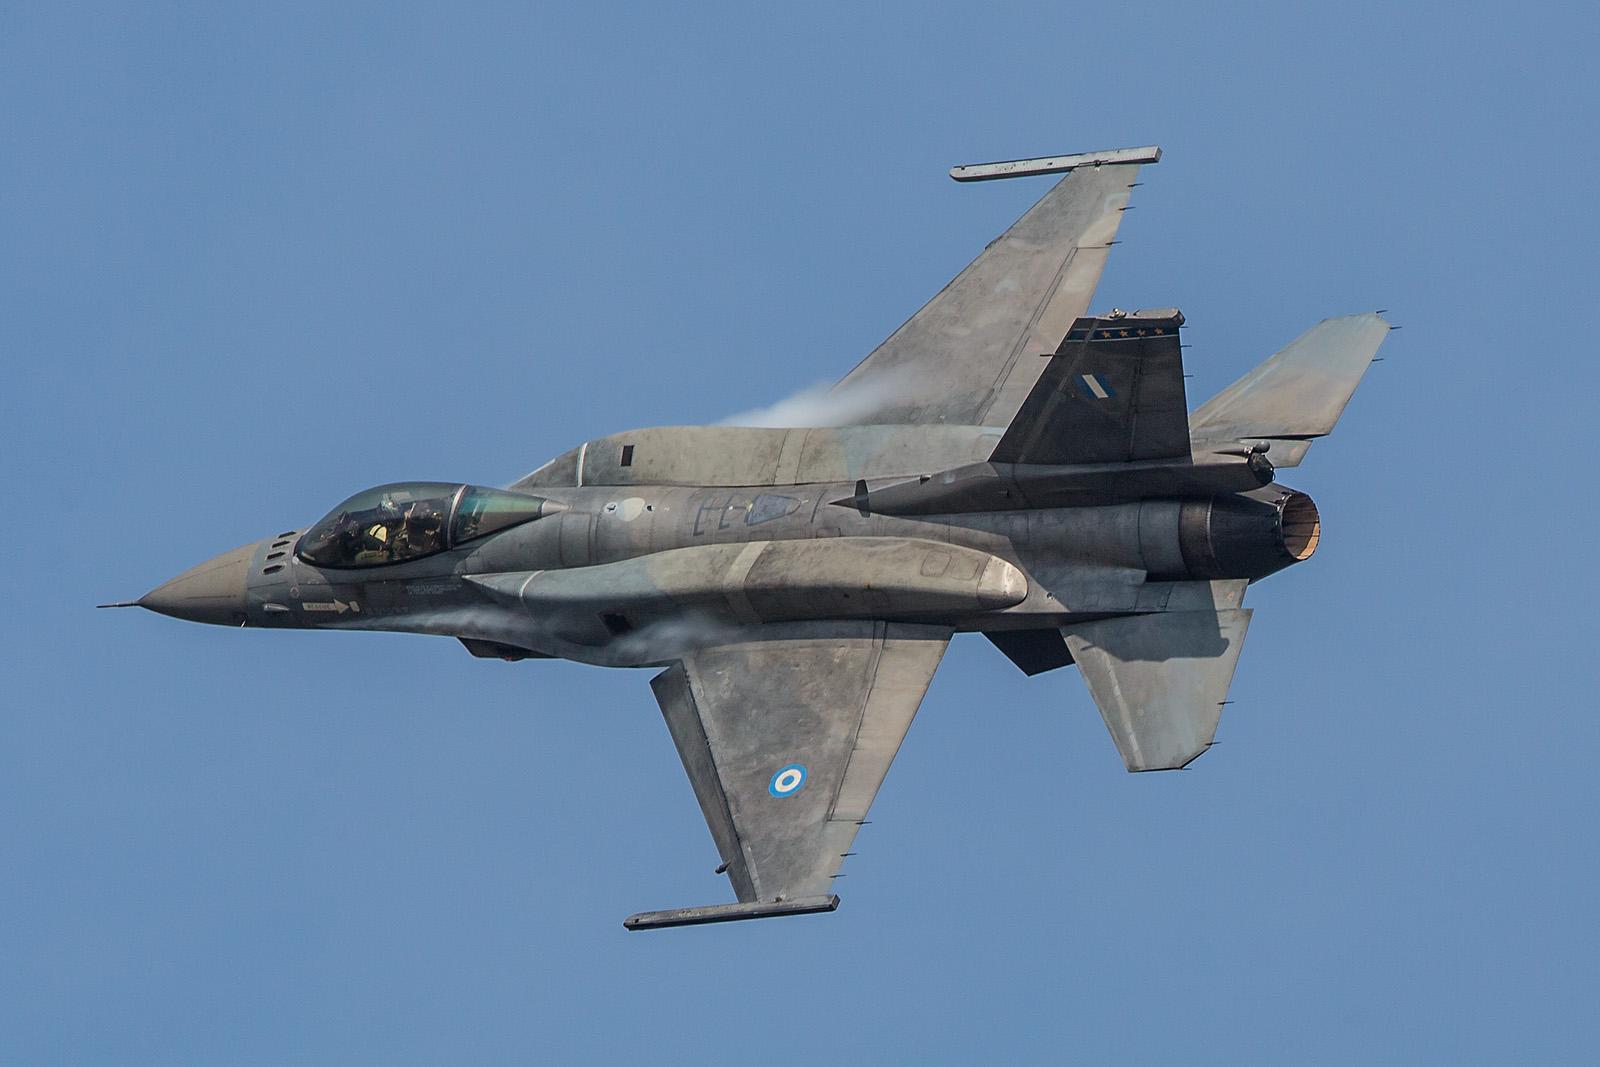 Nochmal die F-16 aus Griechenland, der bunte Jet blieb daheim für die zeitgleich stattfindene Athens Flying Week.